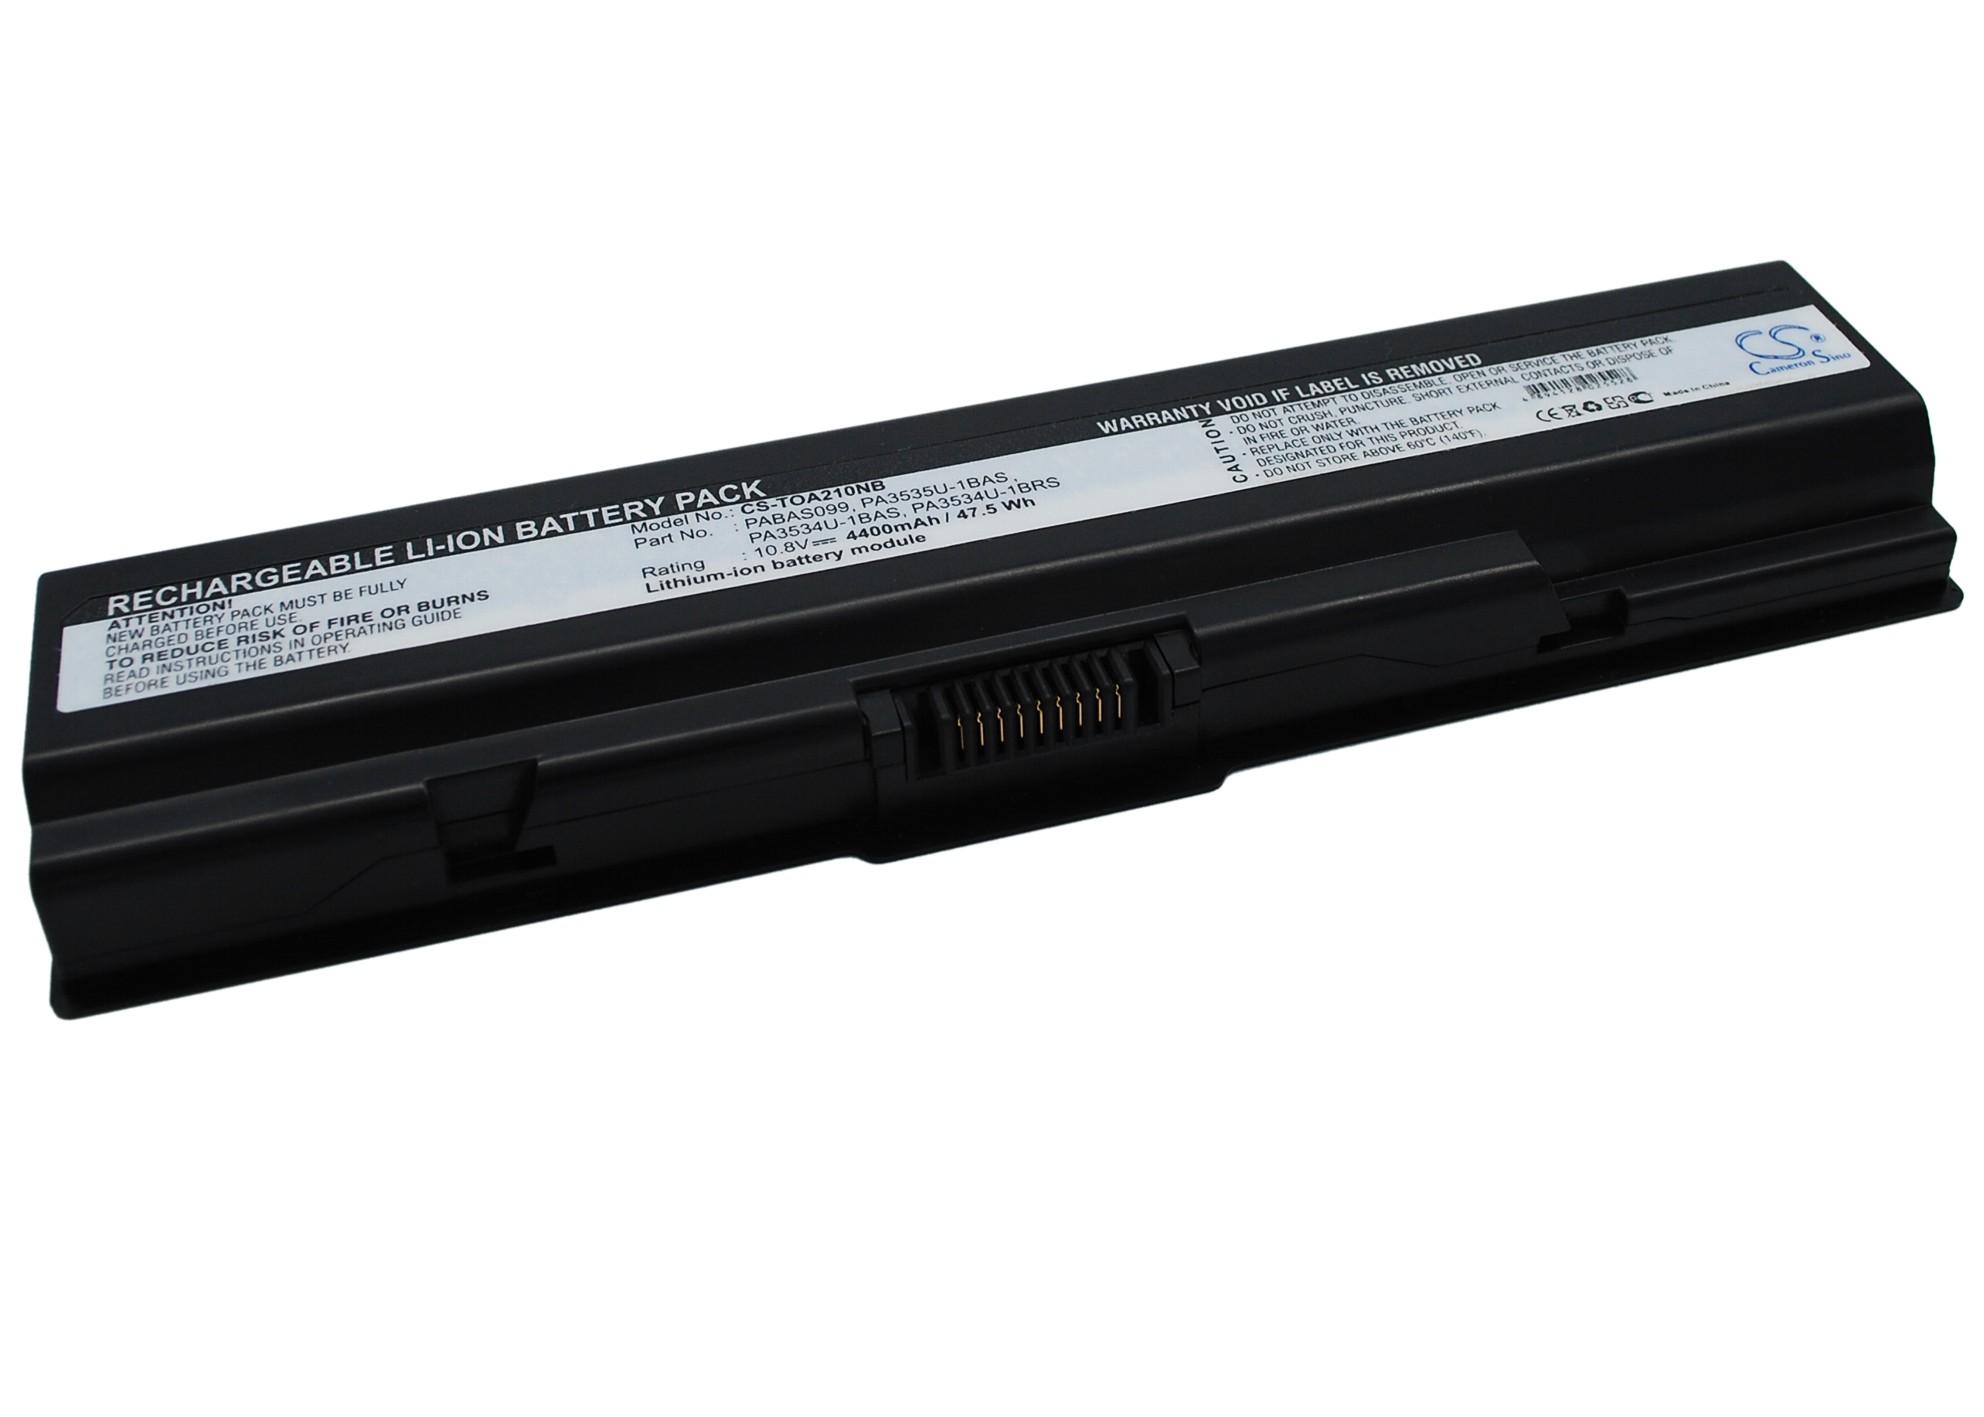 Cameron Sino baterie do notebooků pro TOSHIBA Satellite L505-ES5036 10.8V Li-ion 4400mAh černá - neoriginální